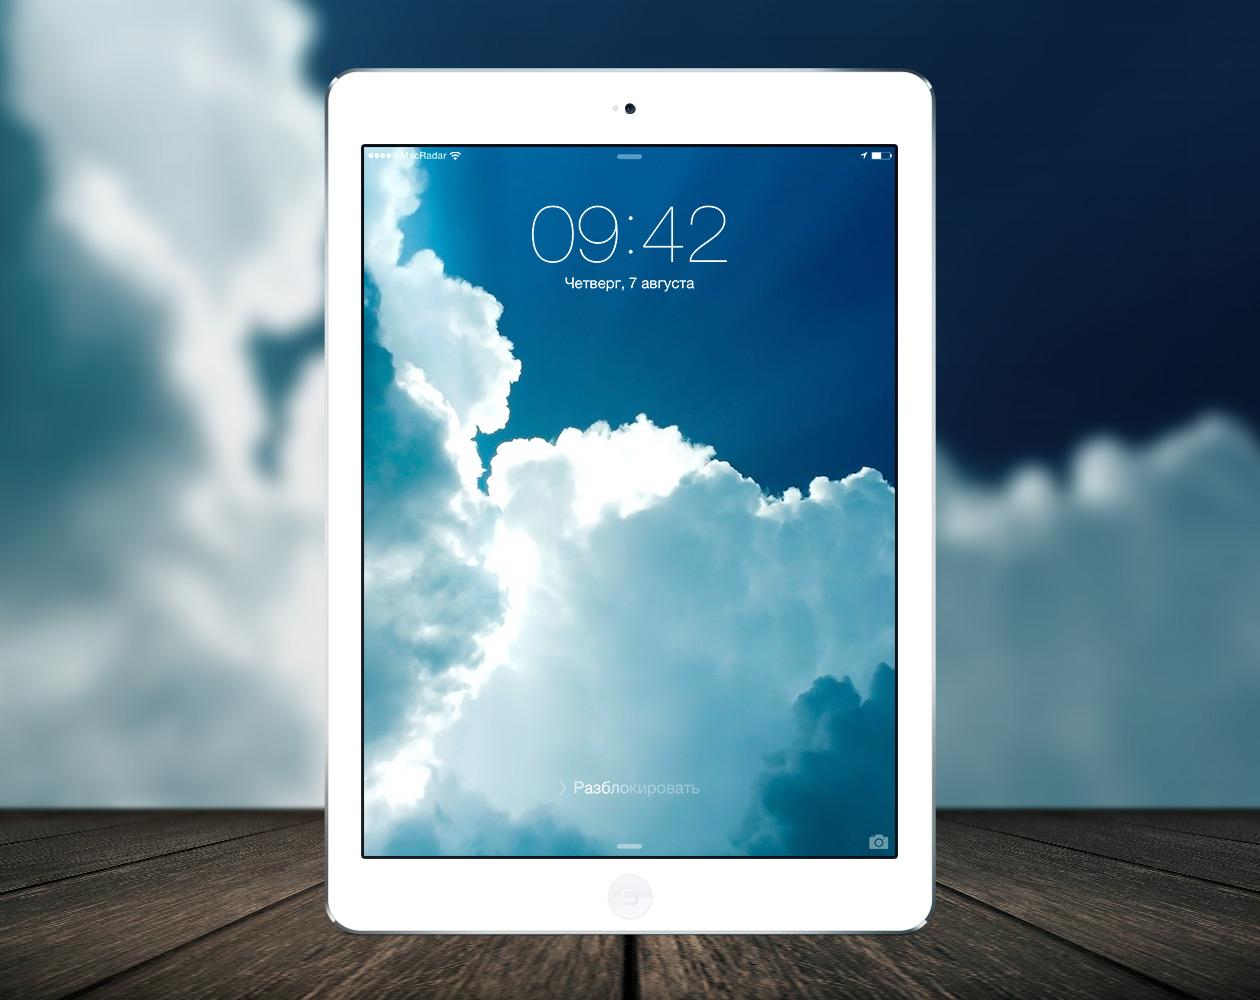 Обои для iPad: все под небесами